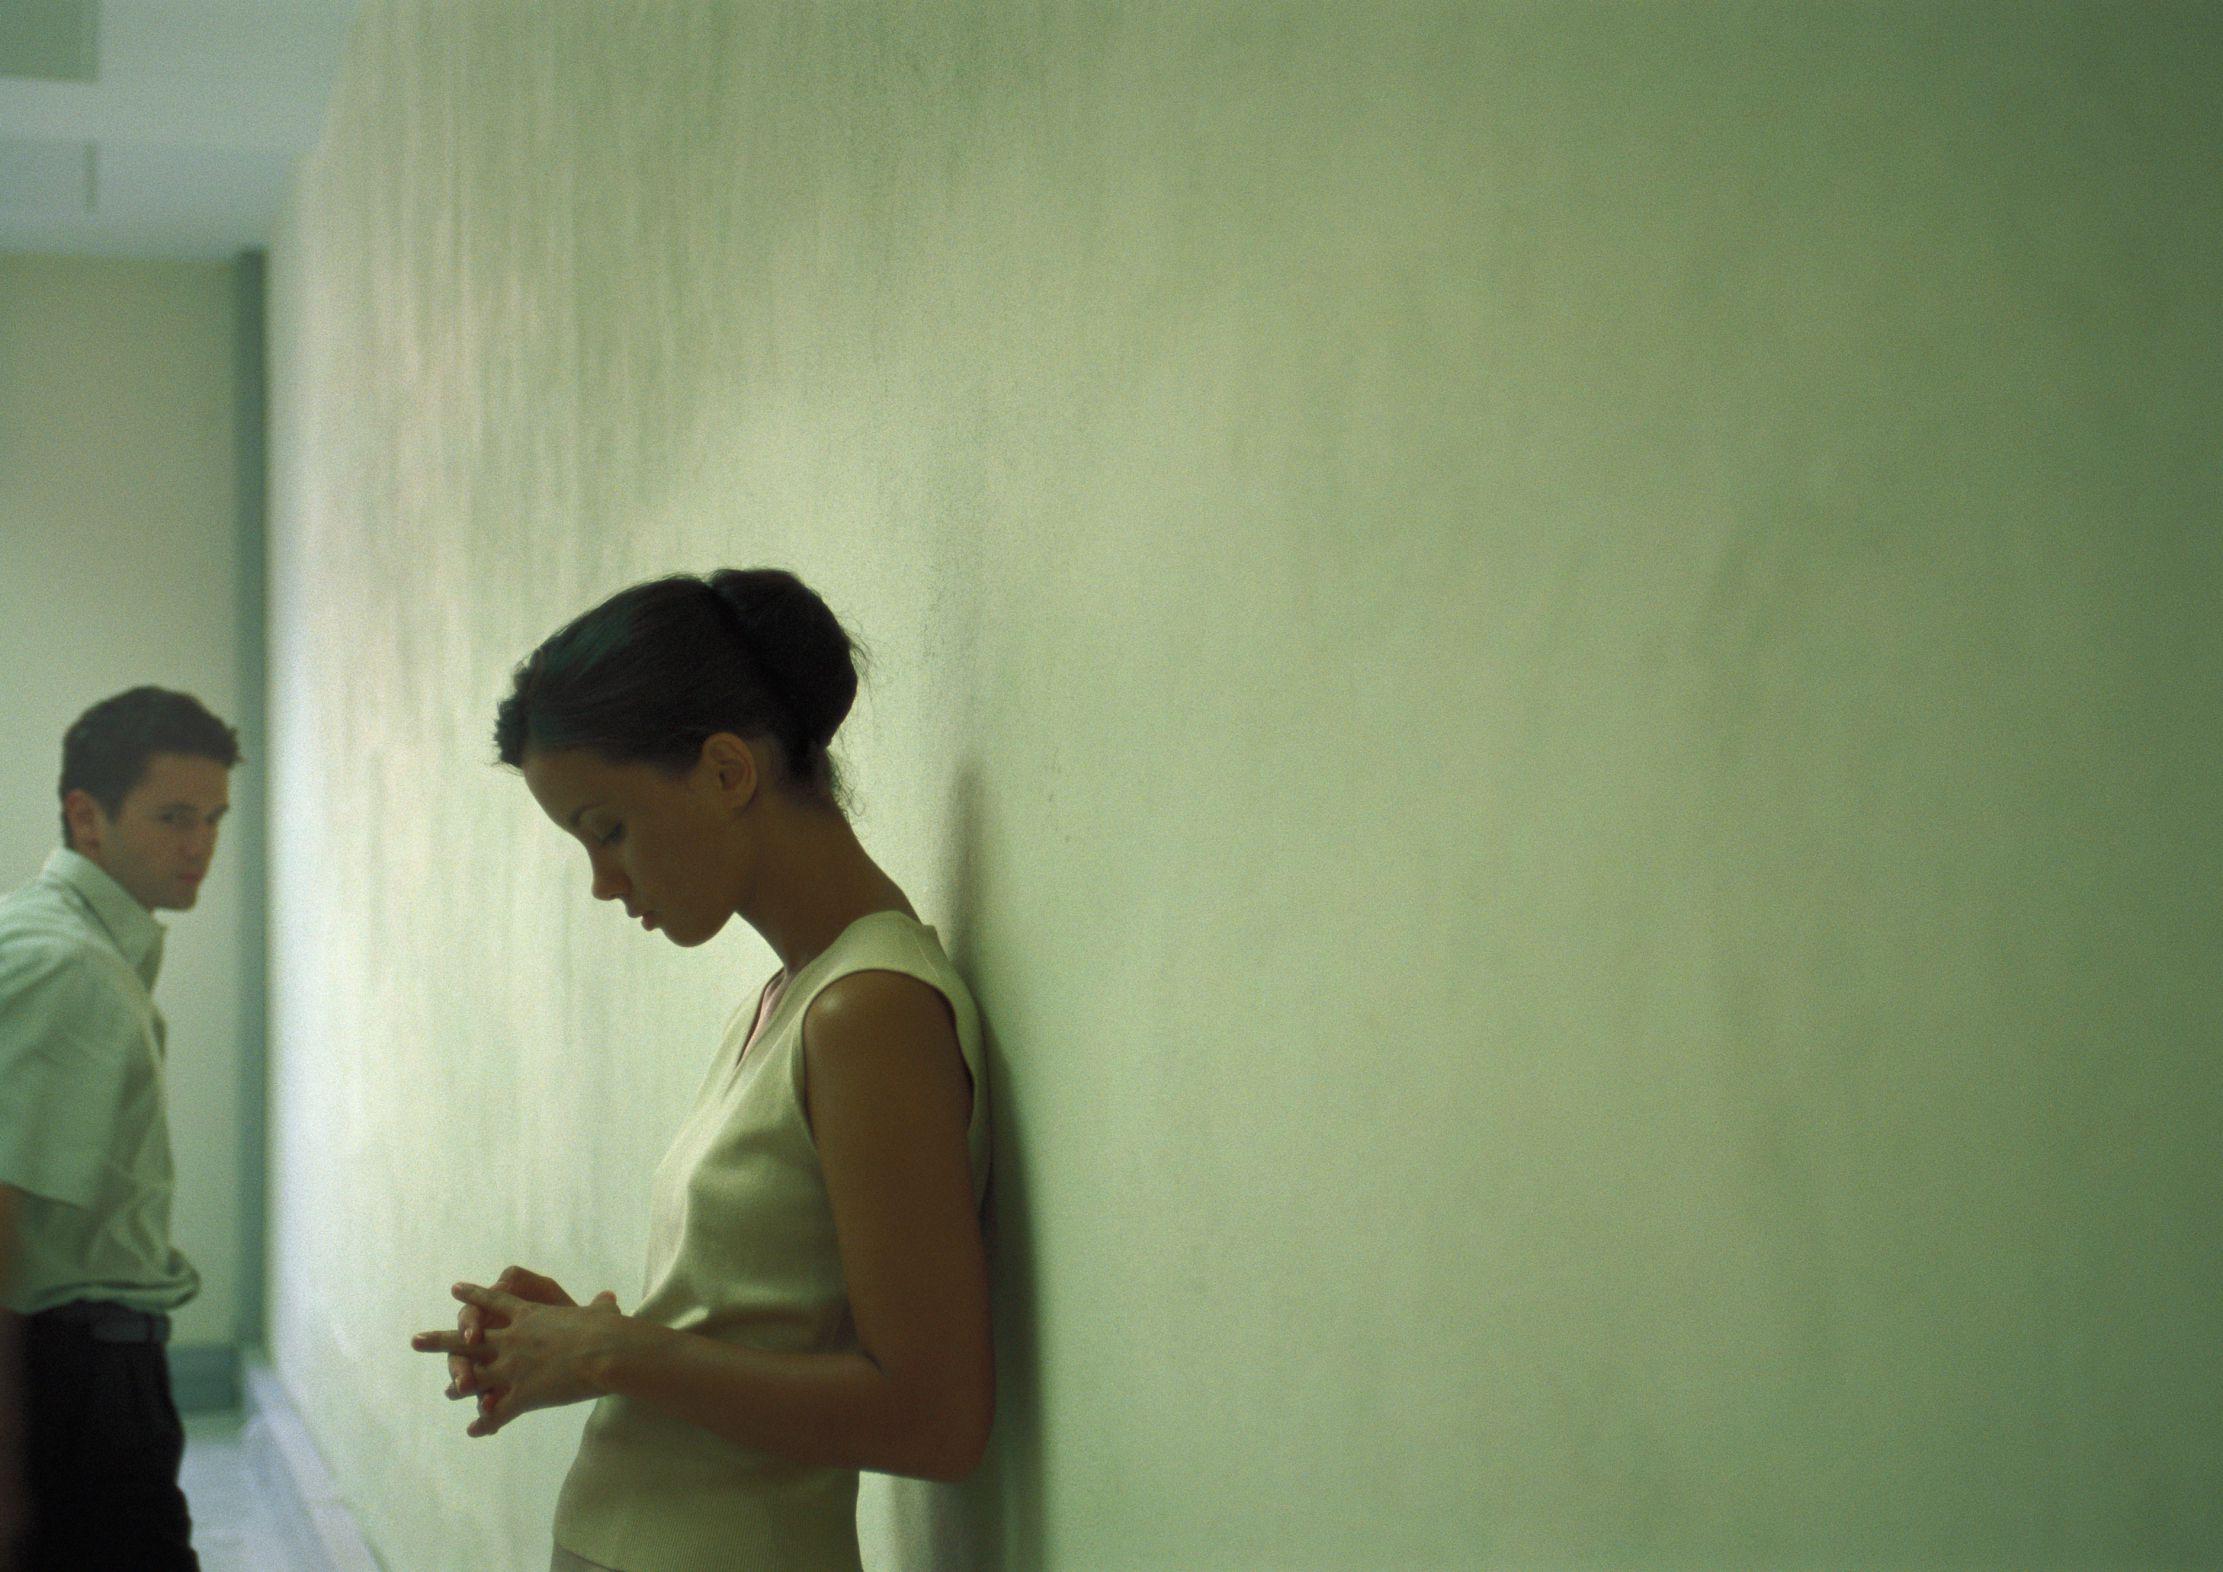 Самотні вдвох: чому в стосунках ми відчуваємо себе нещасними?